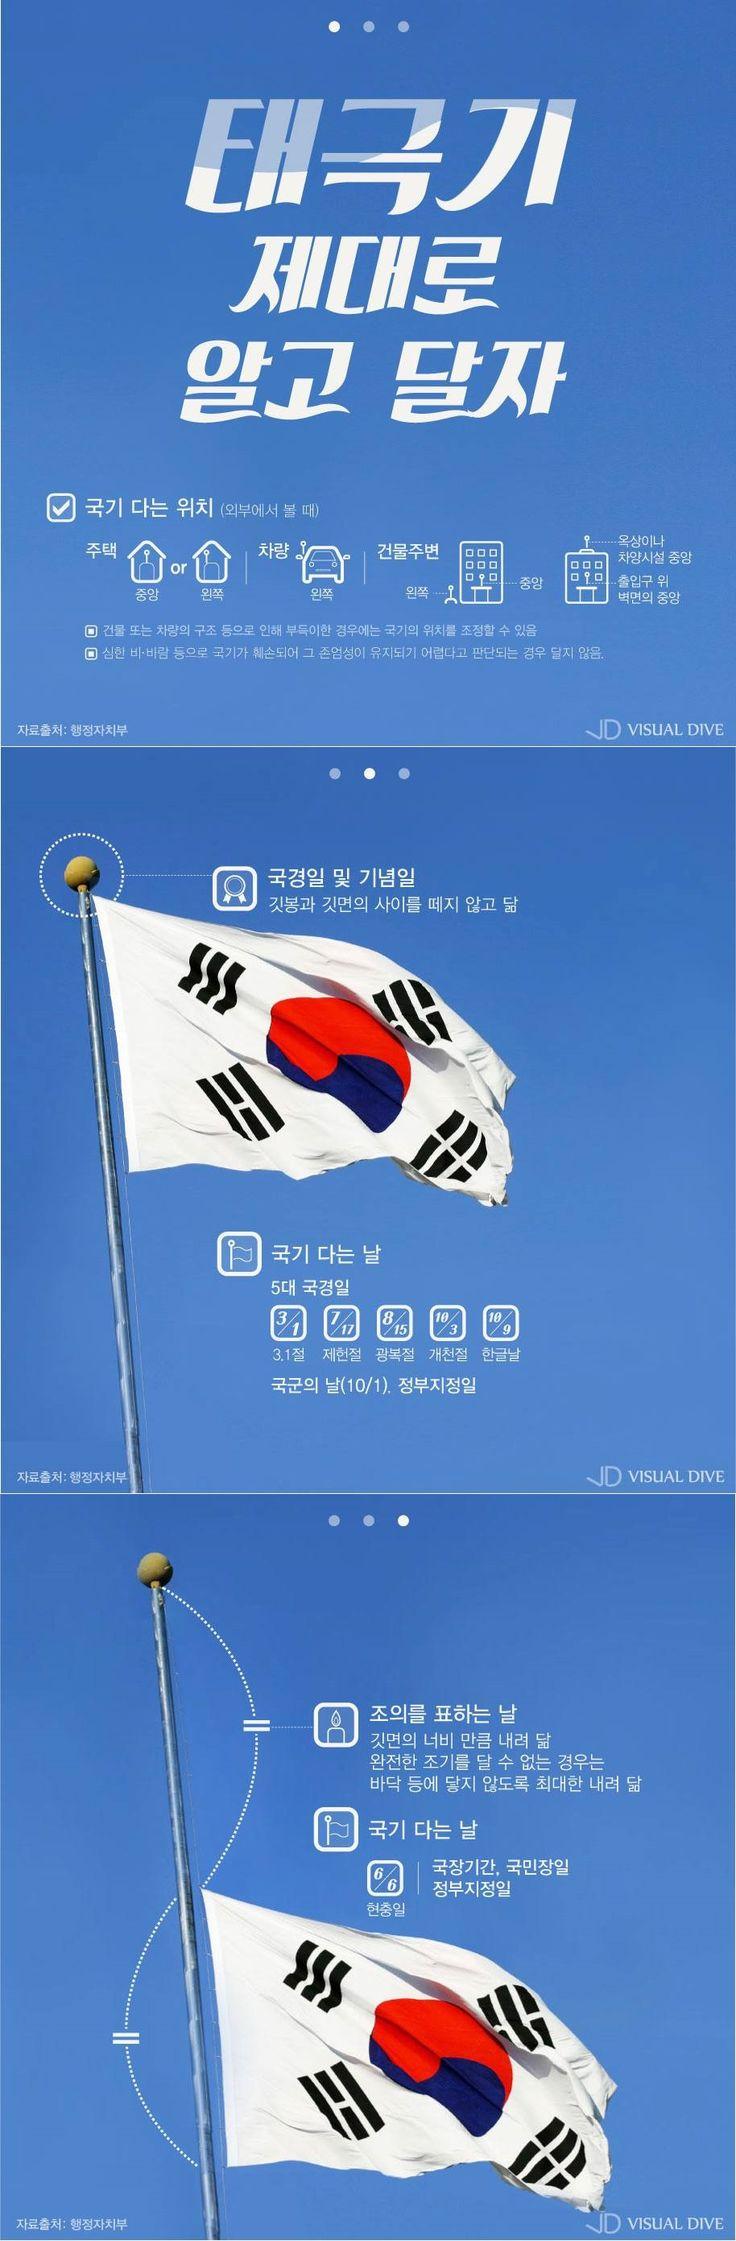 김영삼 전 대통령 서거, 26일까지 조기로 애도 표시 [인포그래픽] #Korea / #Infographic ⓒ 비주얼다이브 무단 복사·전재·재배포 금지